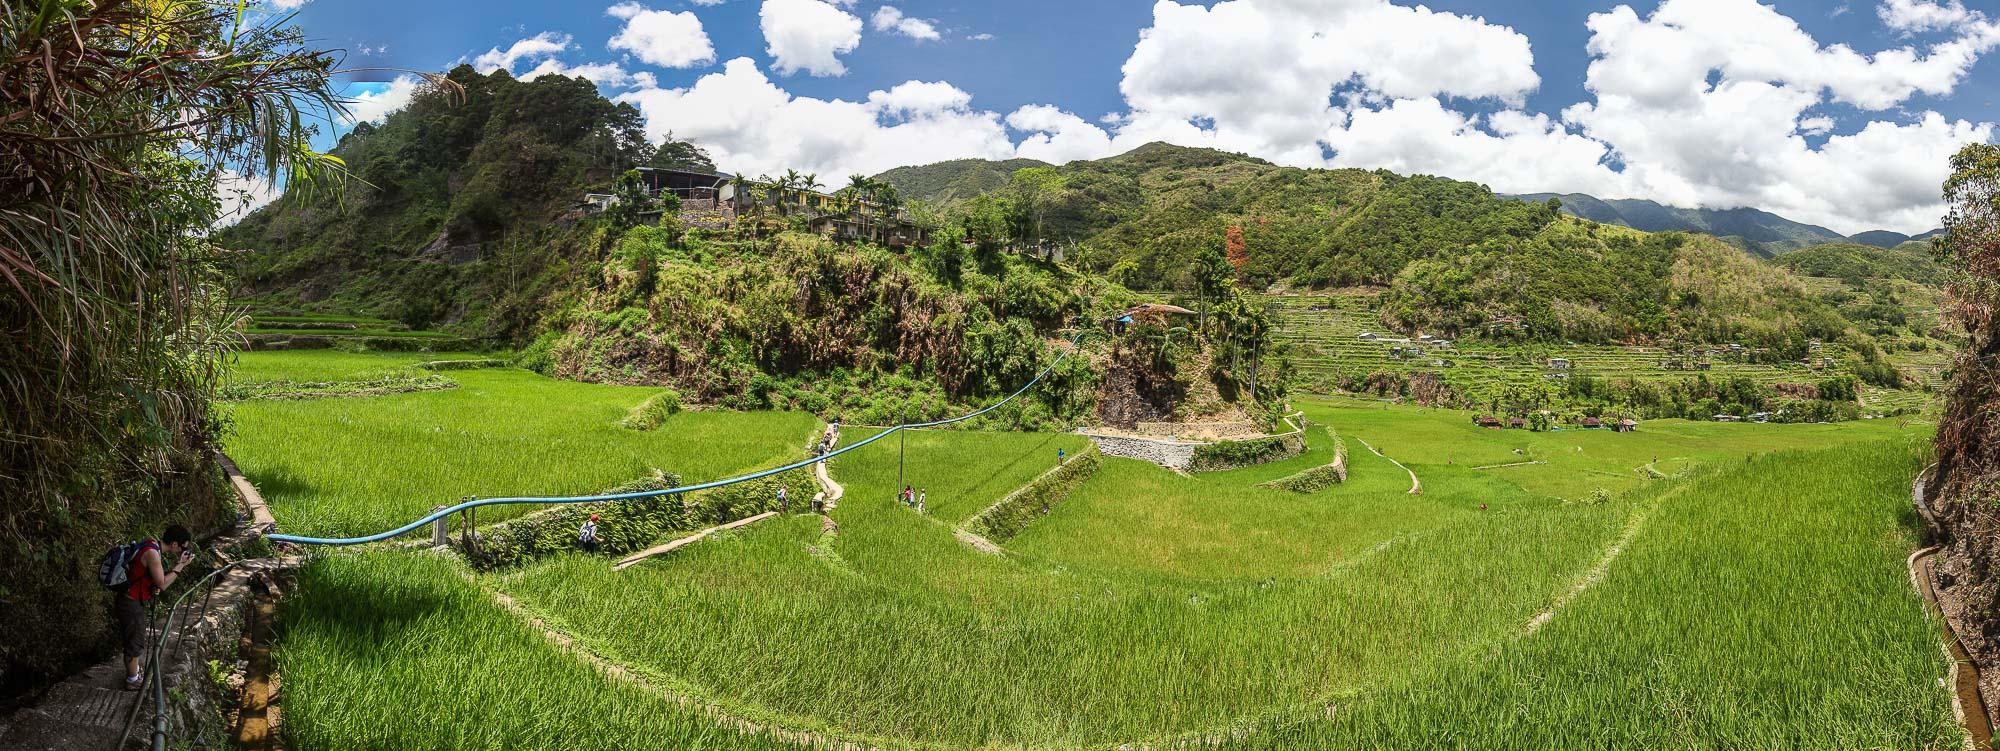 Prilippines tropical panoramas